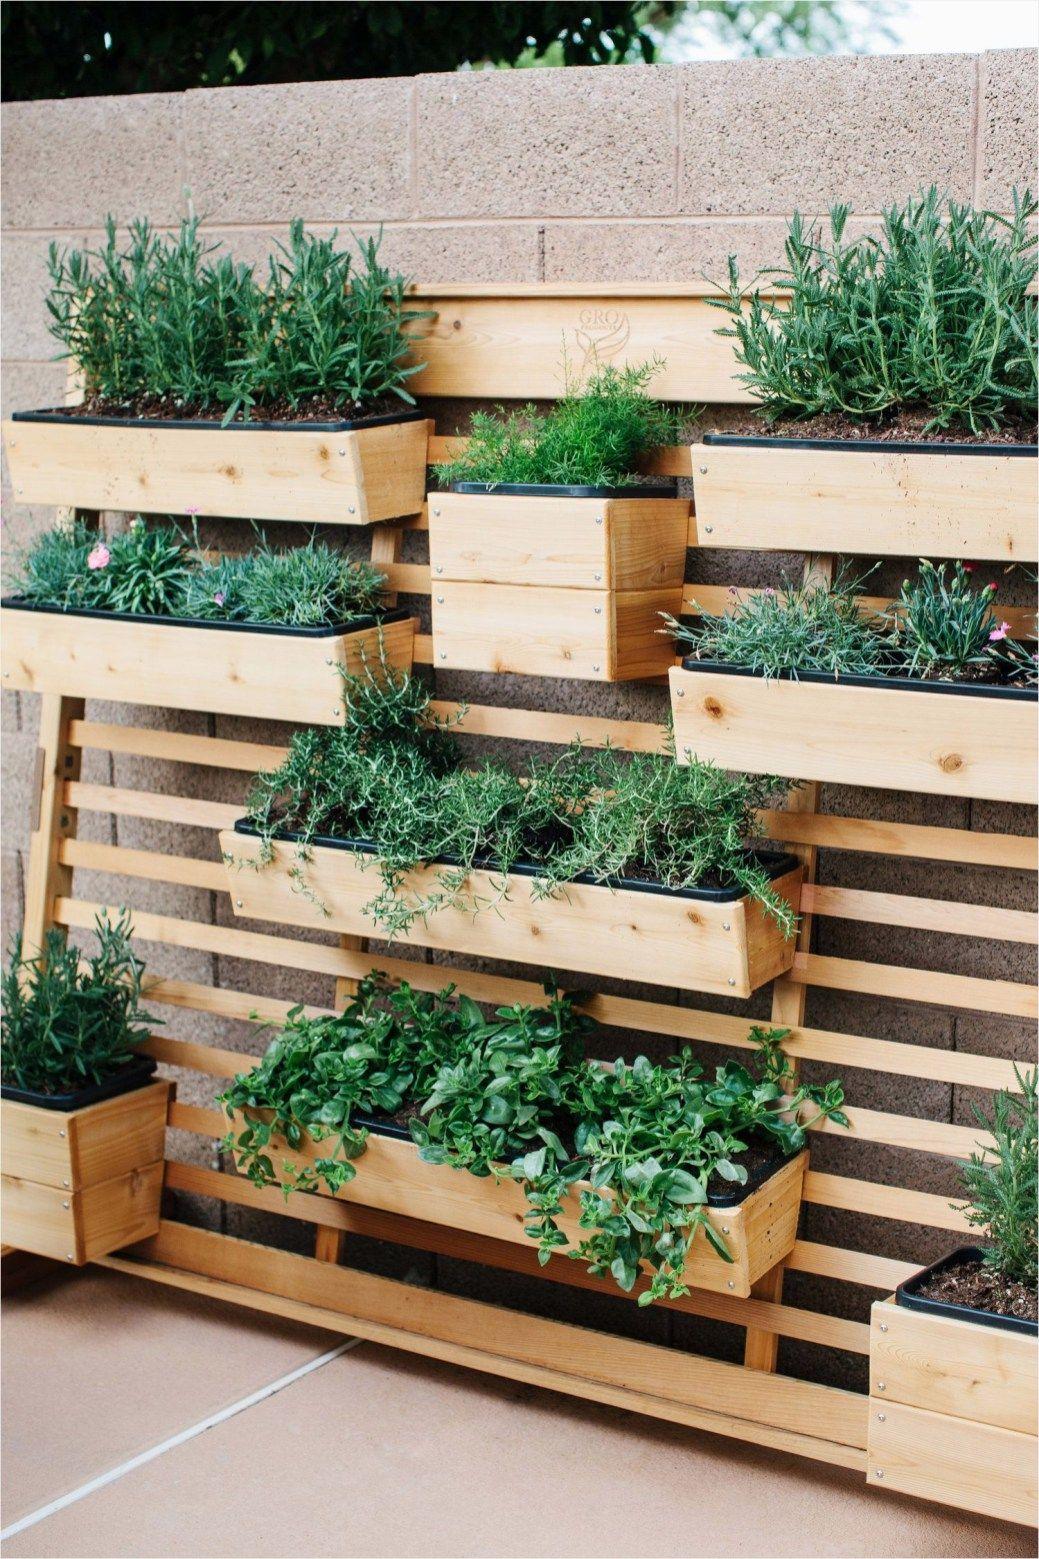 10 Diy Creative Vertical Garden Wall Planter Boxes Ideas Viraldecoration Garden Wall Planter Backyard Garden Design Small Backyard Gardens Backyard garden starter kit